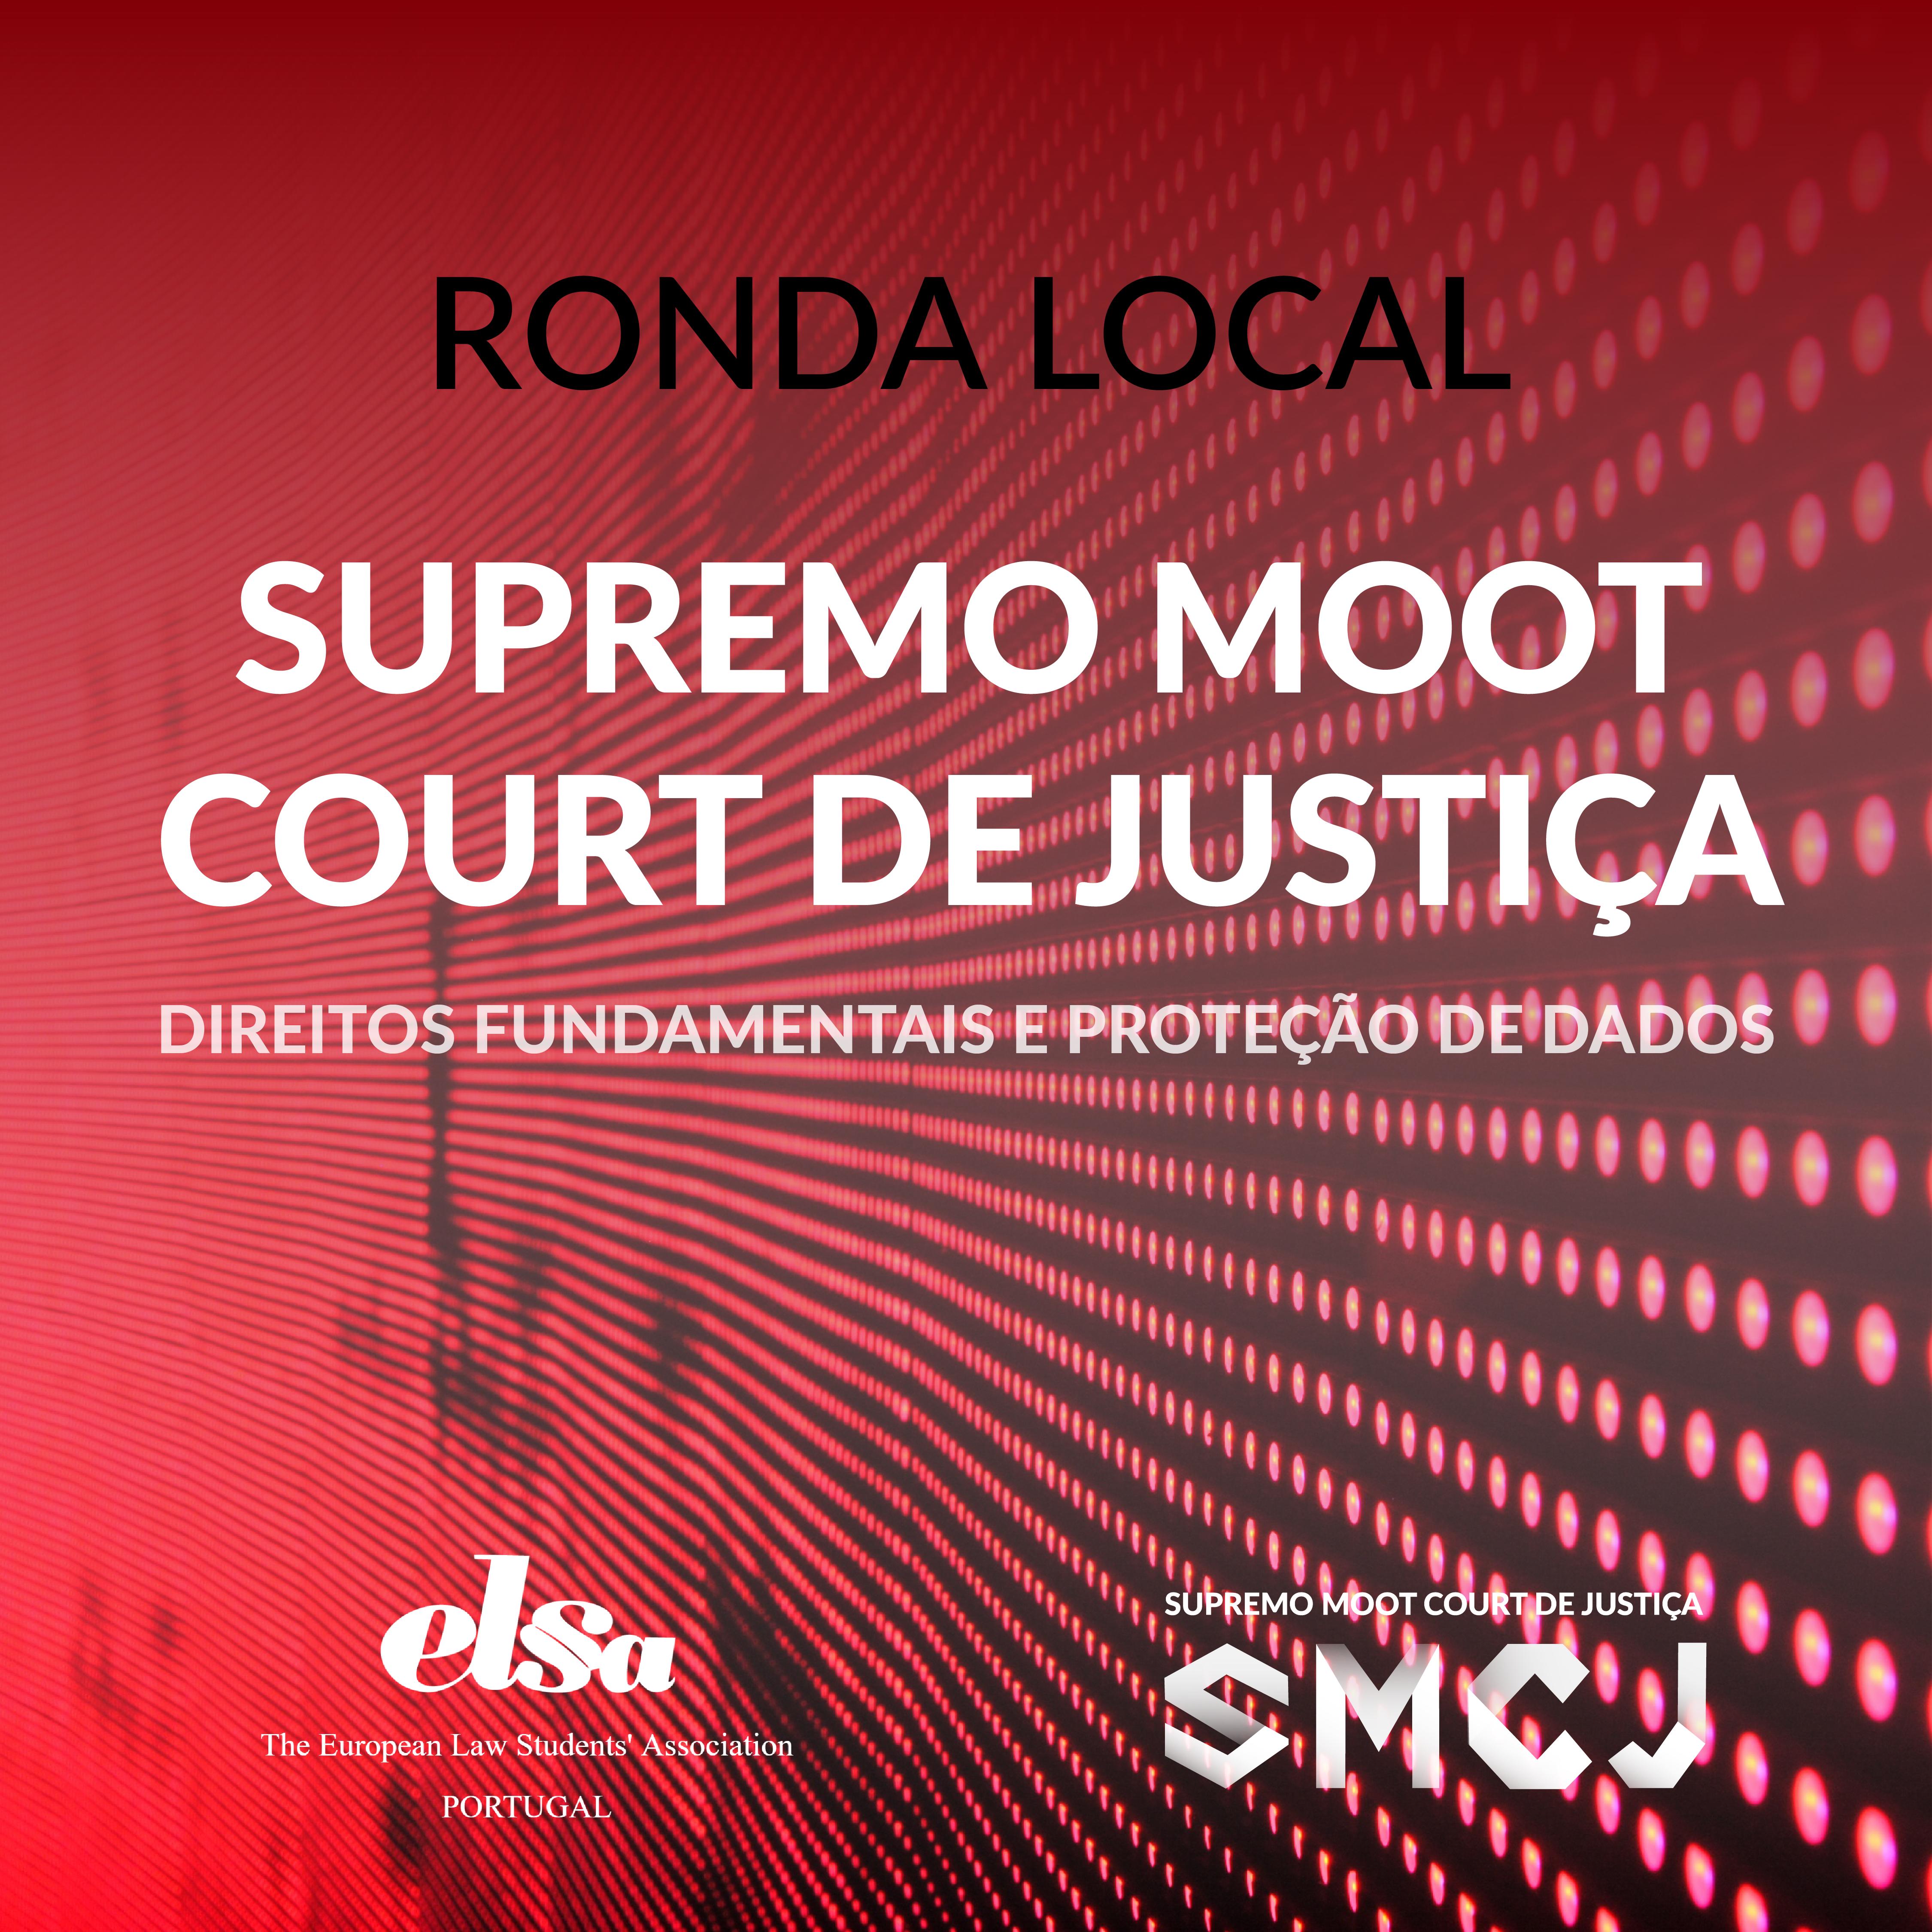 Supremo Moot Court de Justiça